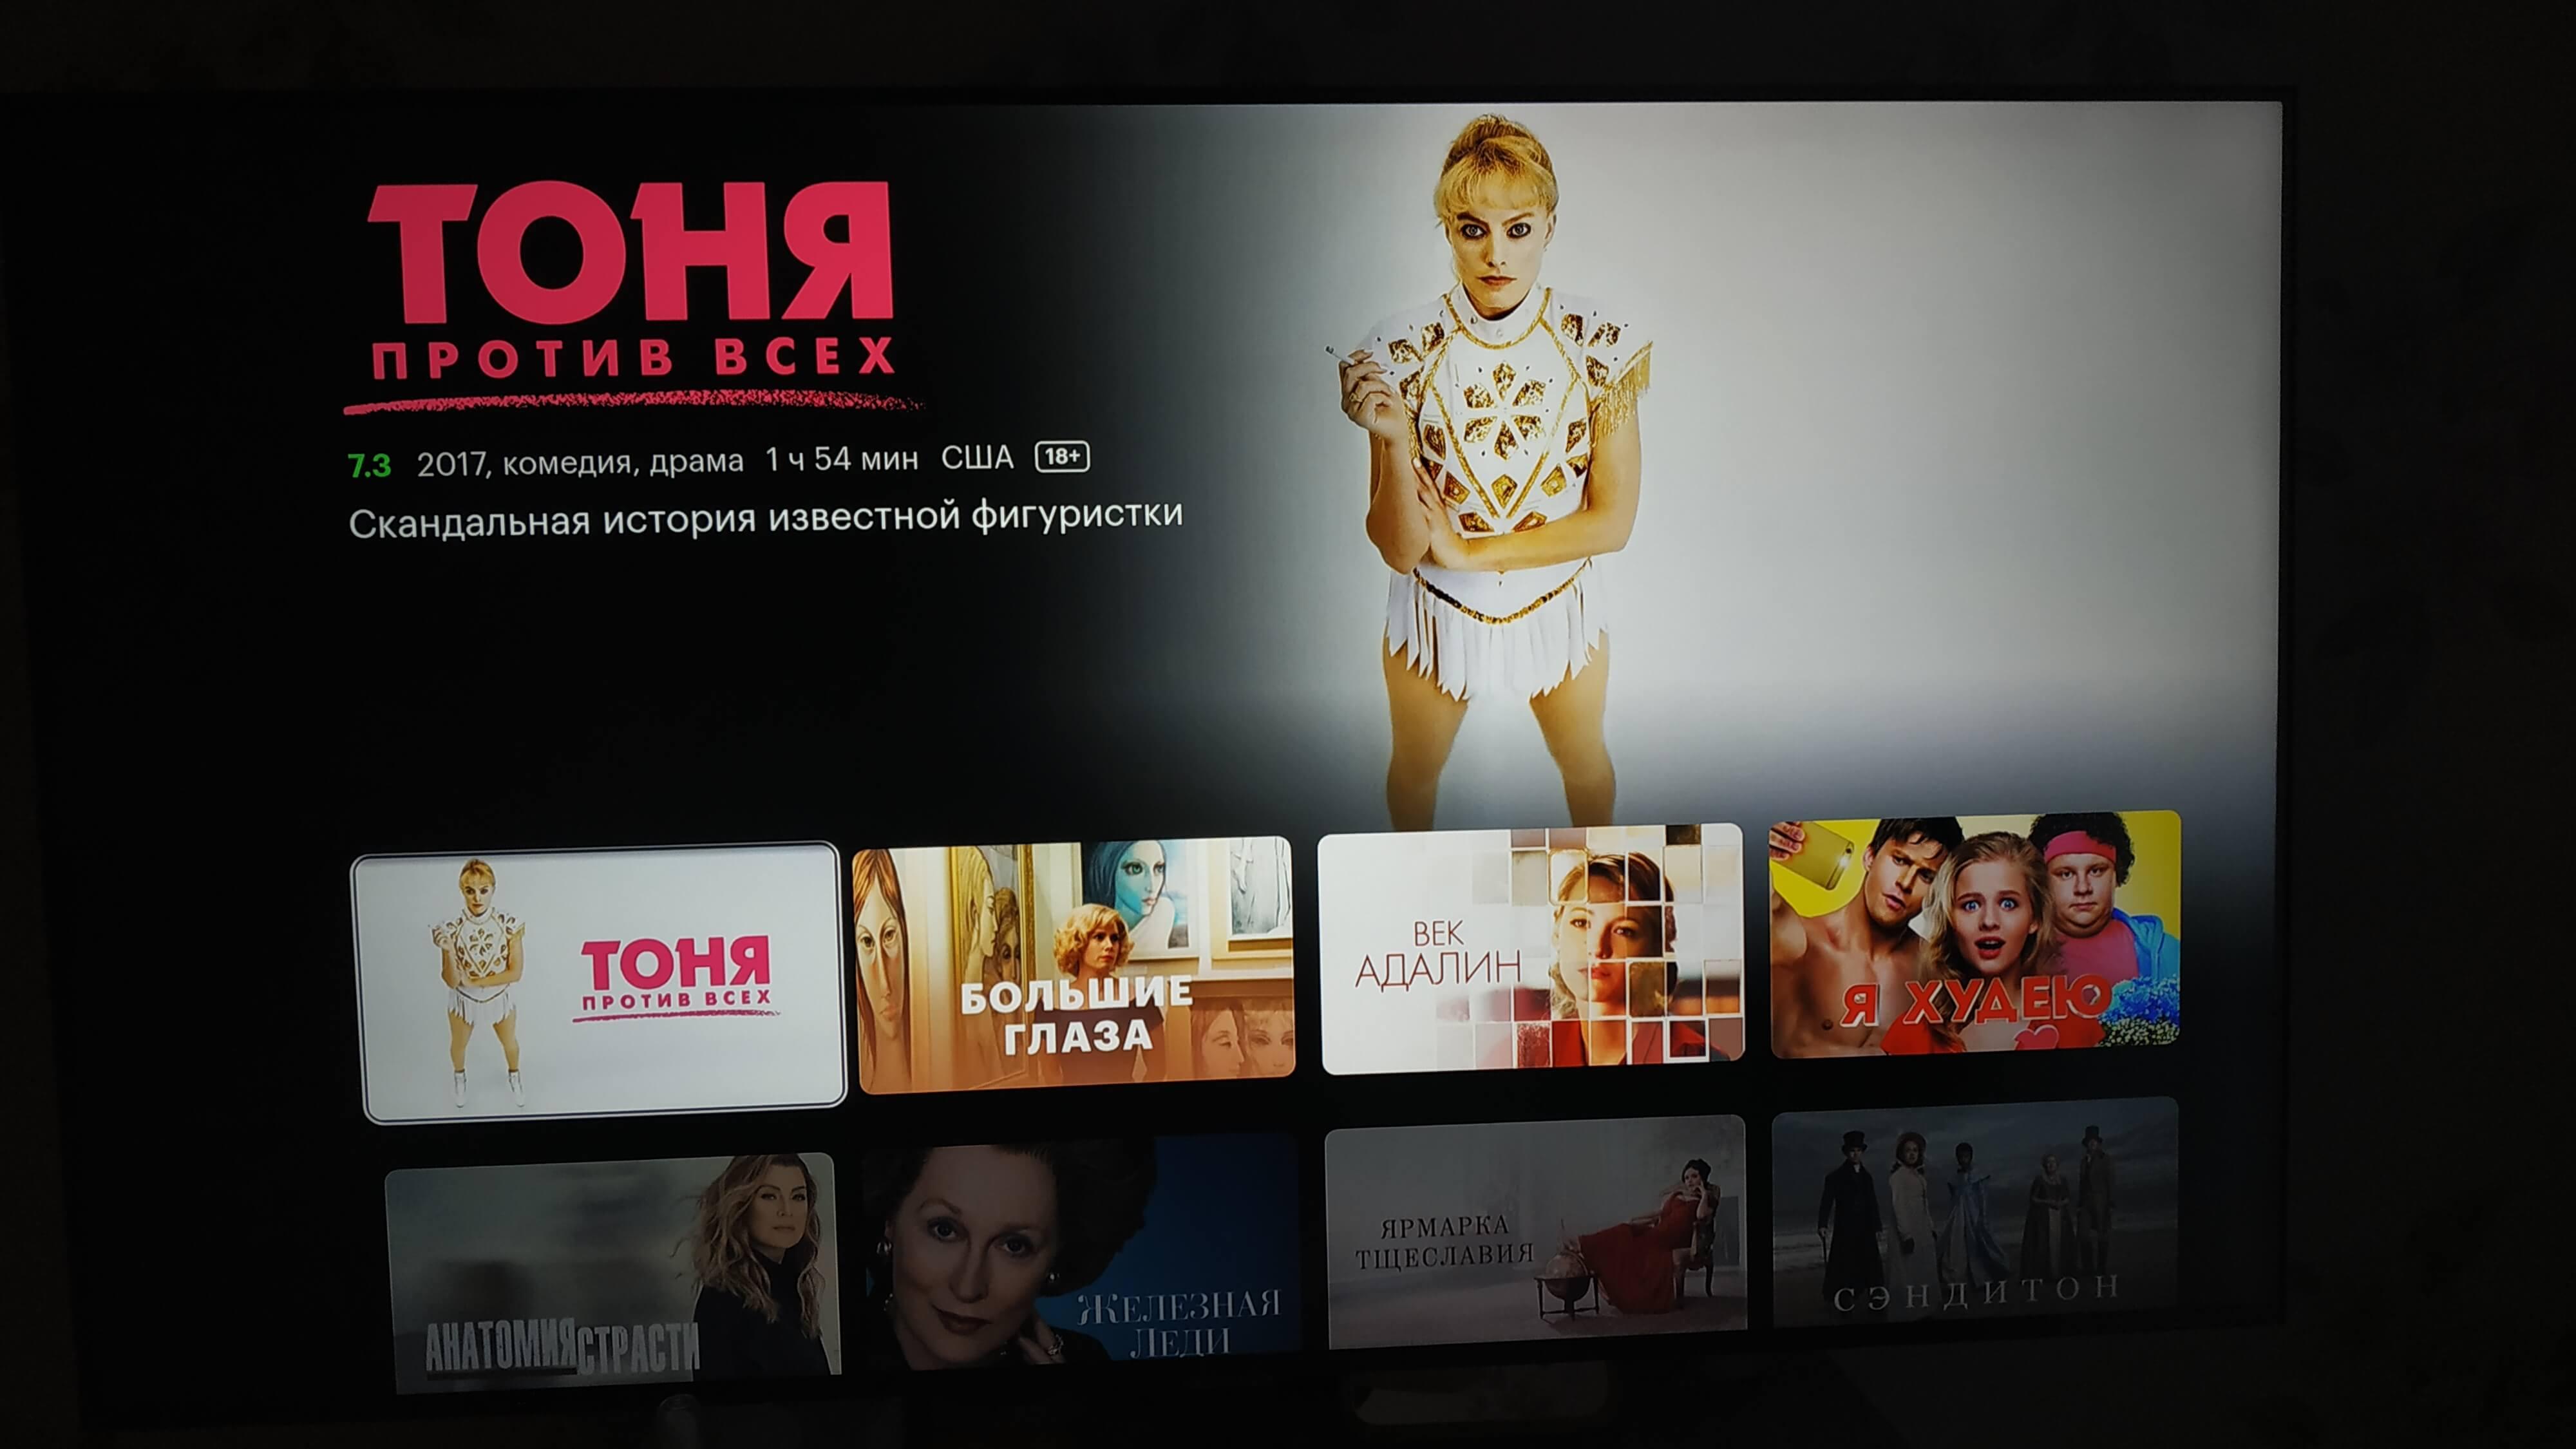 Неудачный редизайн страниц Кинопоиска HD 2